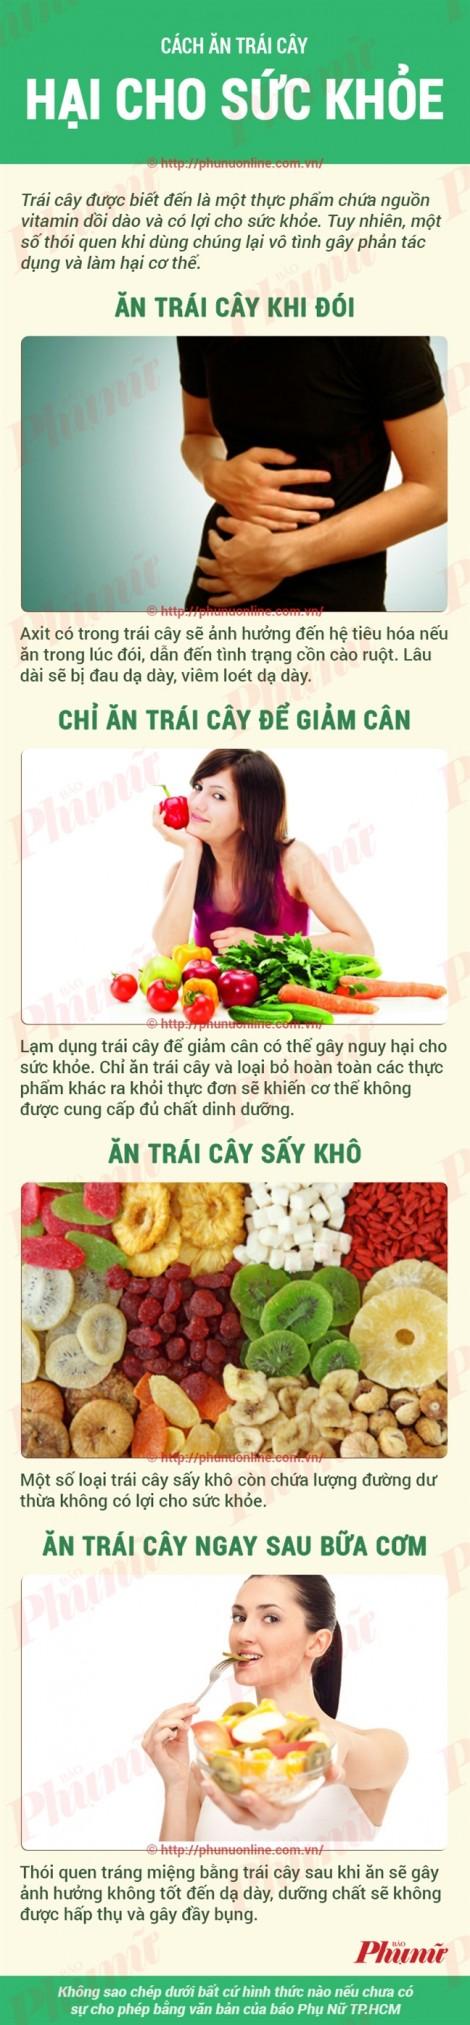 Hầu hết người Việt ăn trái cây sai cách gây hại cho sức khỏe